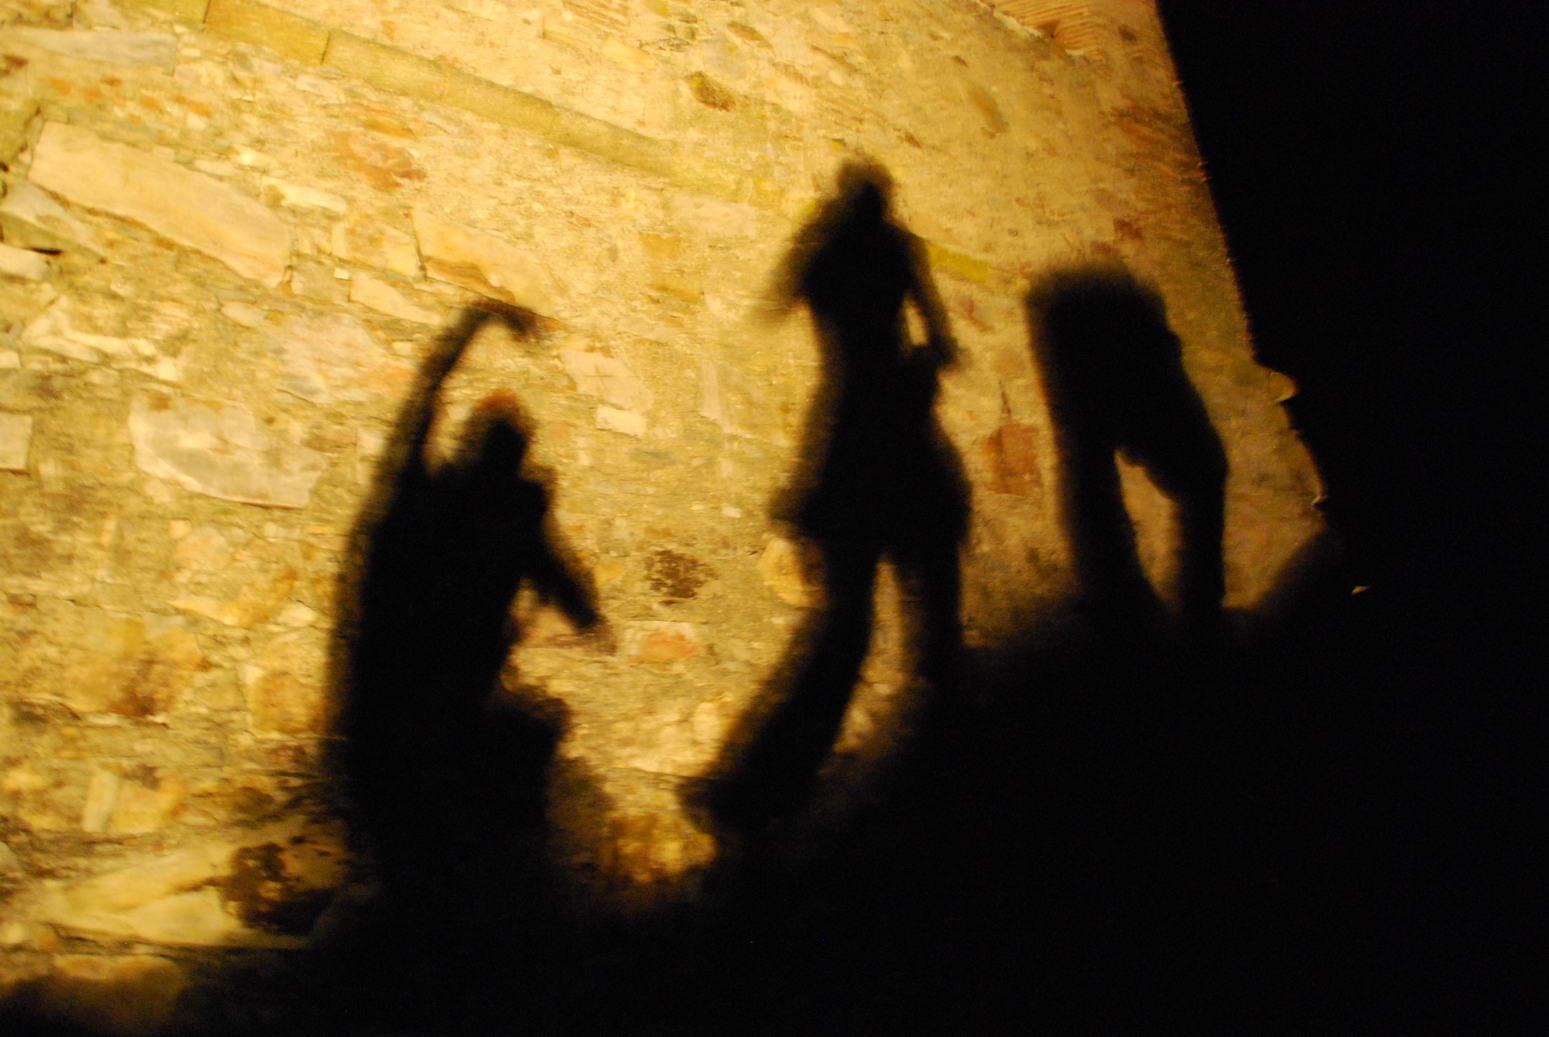 Shadow games (Portugal ARWC 2009)